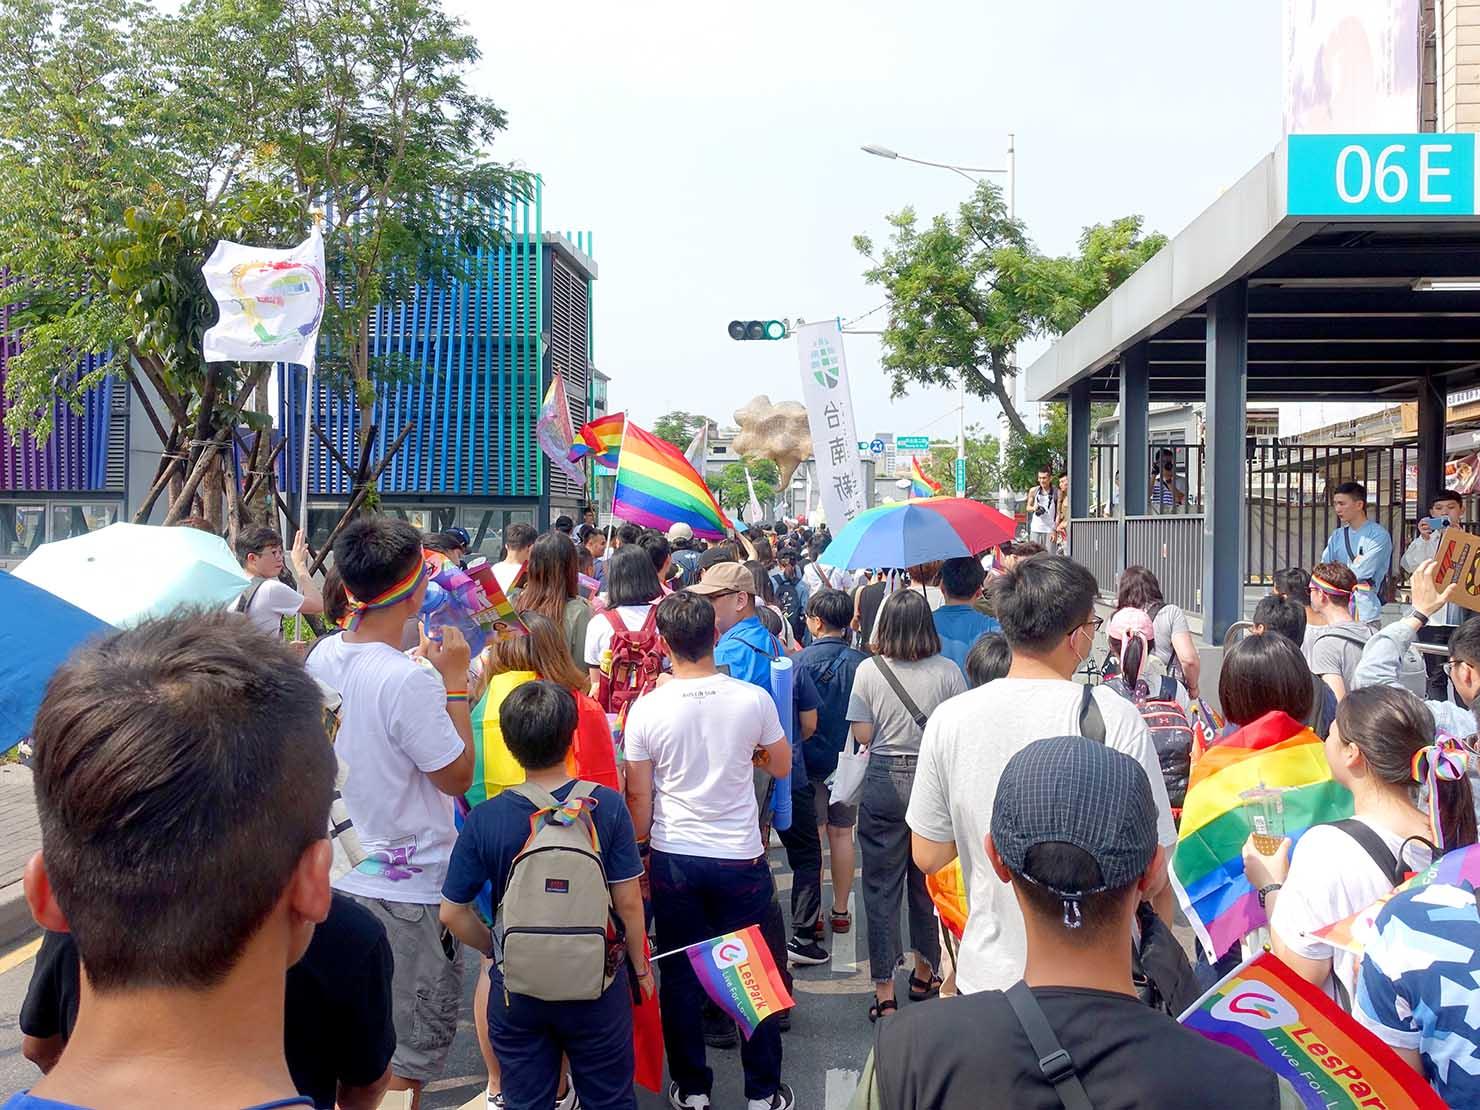 台南彩虹遊行(台南レインボーパレード)2019で海安路を歩くパレード隊列